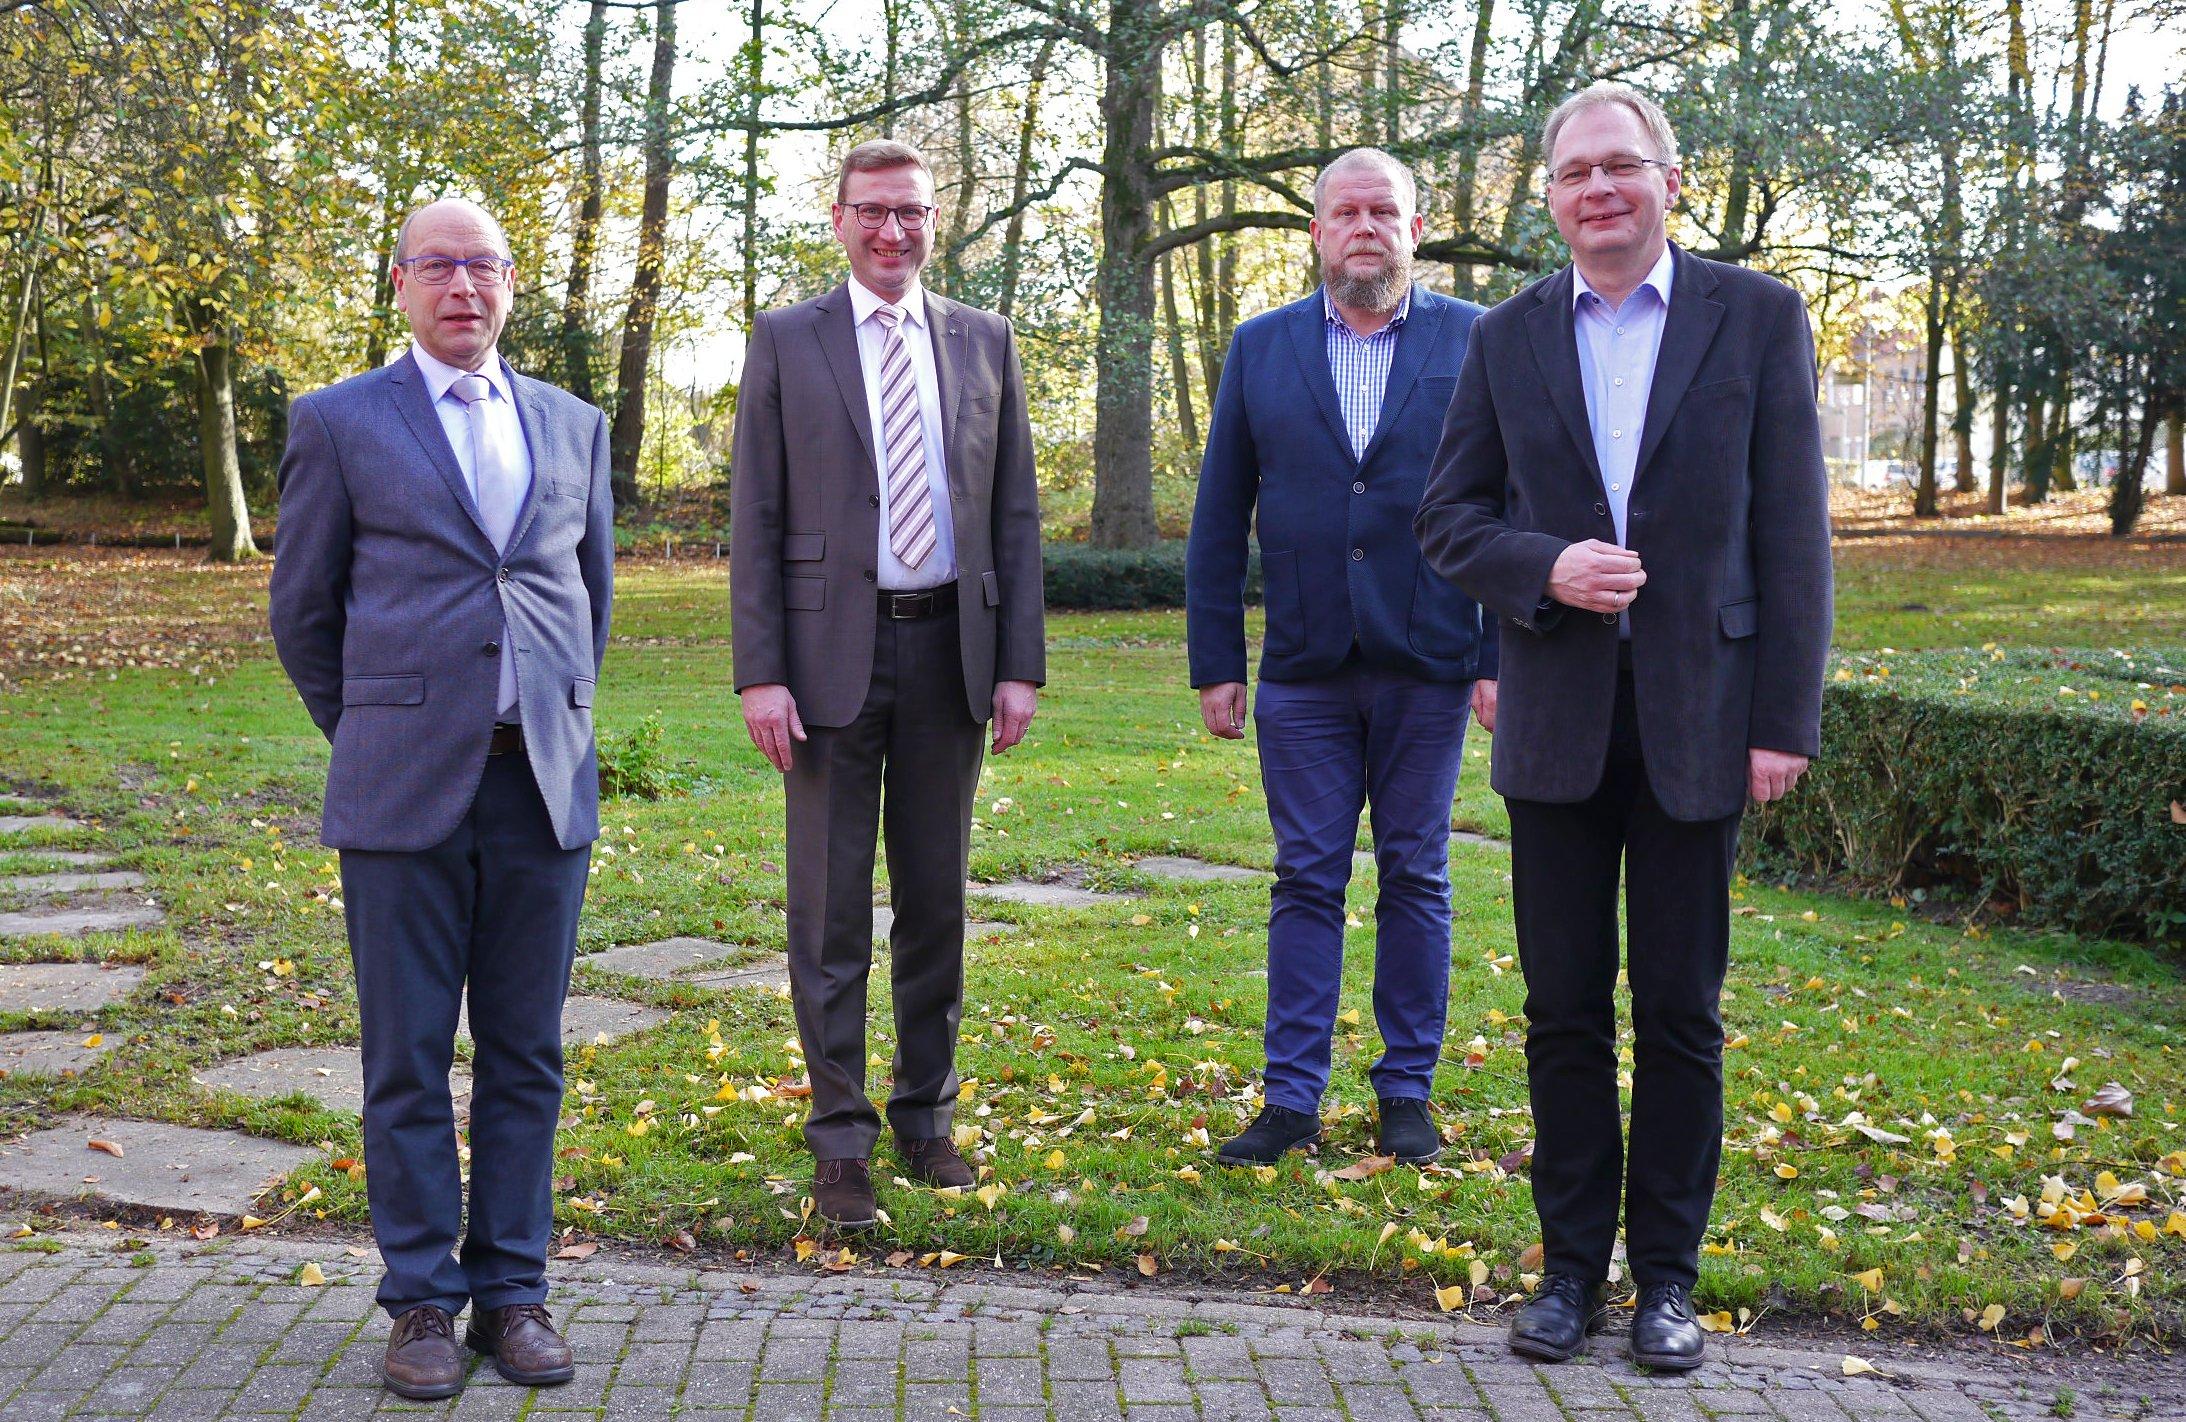 Bildunterschrift: Sie bilden den neuen Brüderrat (von links) Bruder Konrad Schneermann, Bruder Christoph von Netzer, Bruder Thomas Wierling und Bruder Karsten-Johannes Kruse.                                             Foto: privat